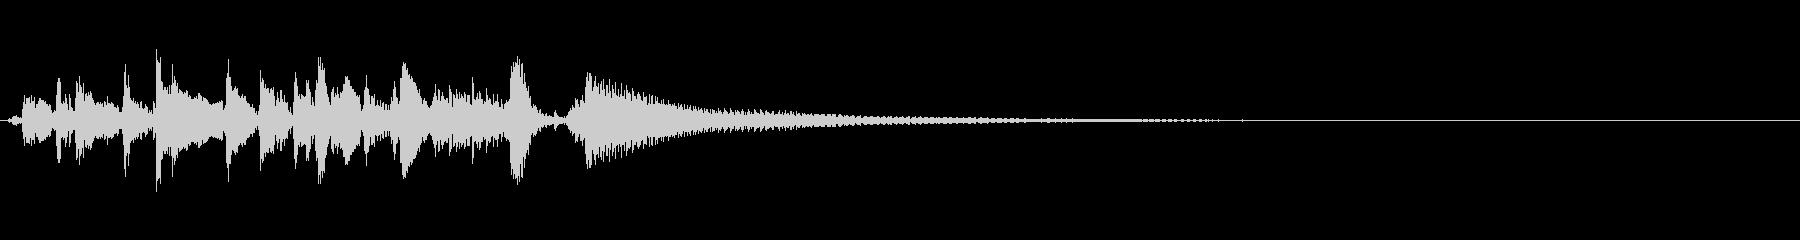 アコギのシンプルなカントリージングルの未再生の波形